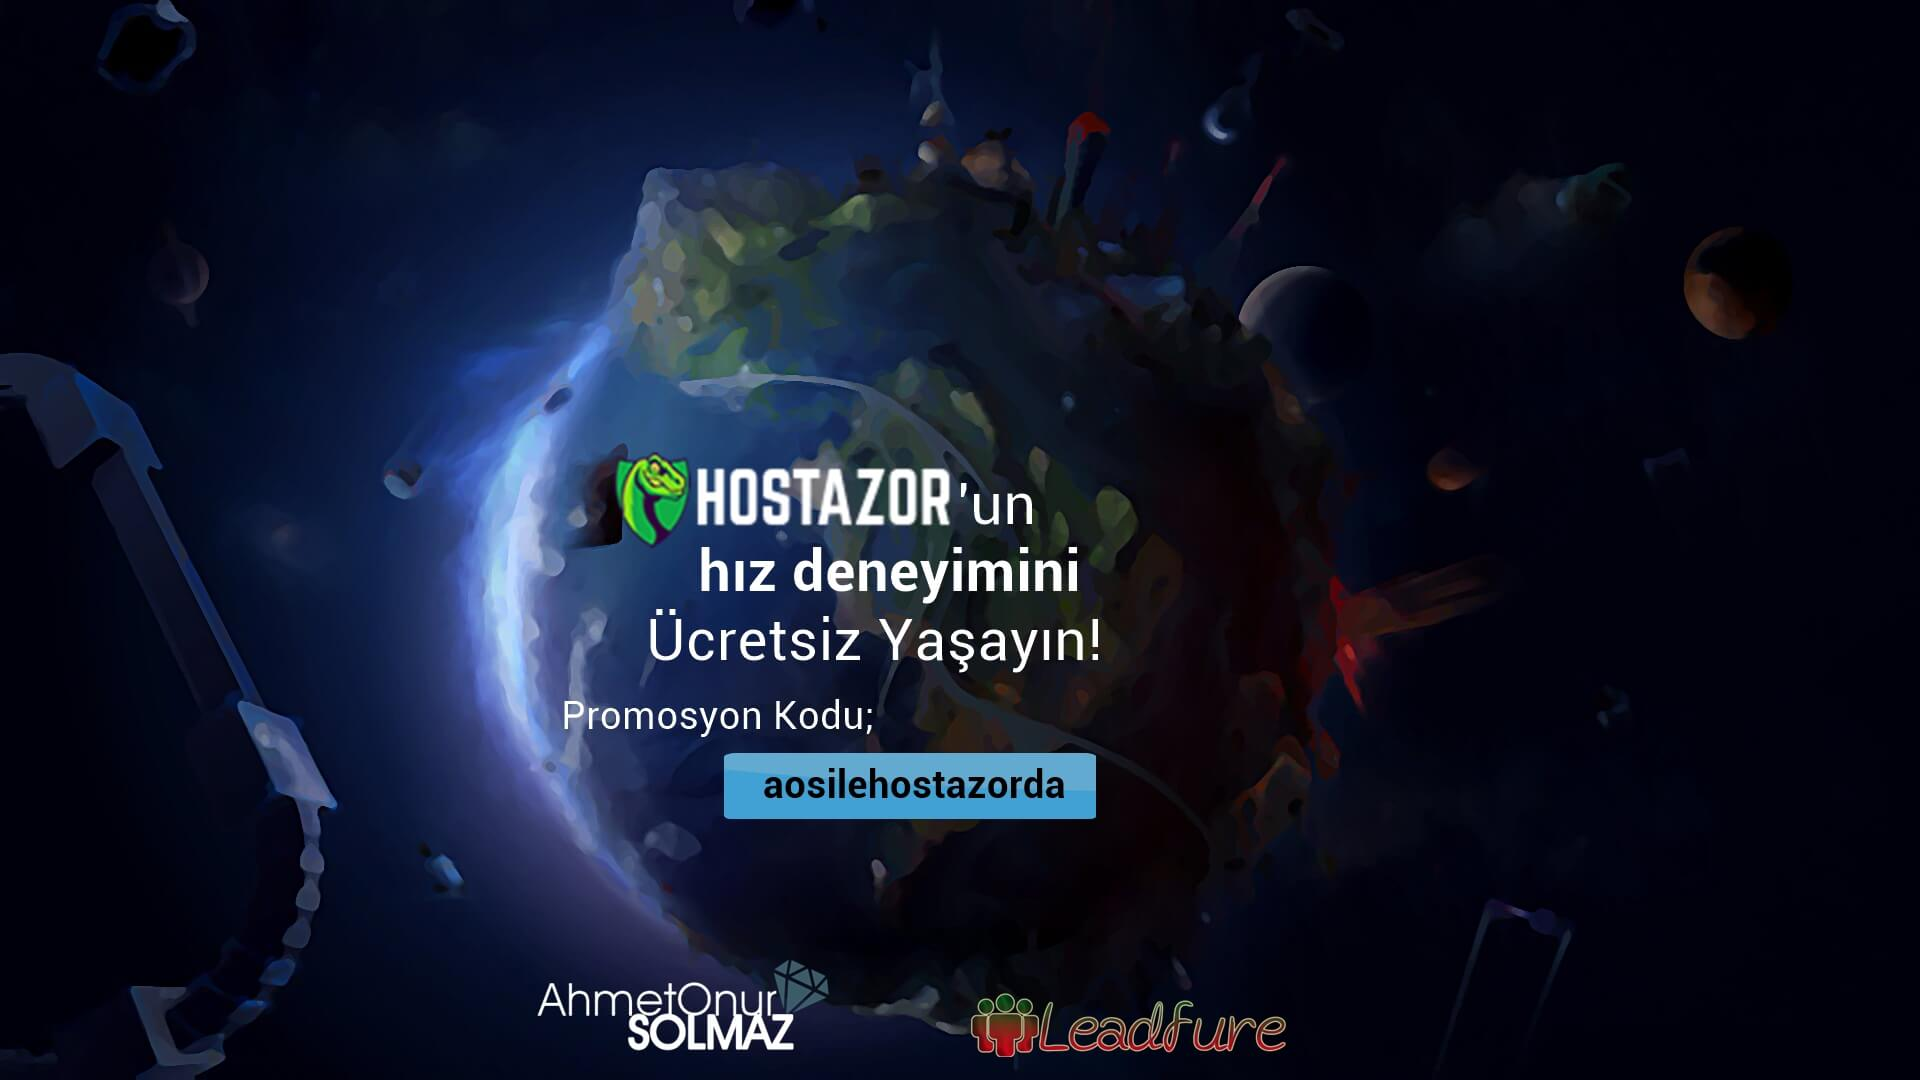 Hostazor'un Hız Deneyimini Ücretsiz Yaşayın